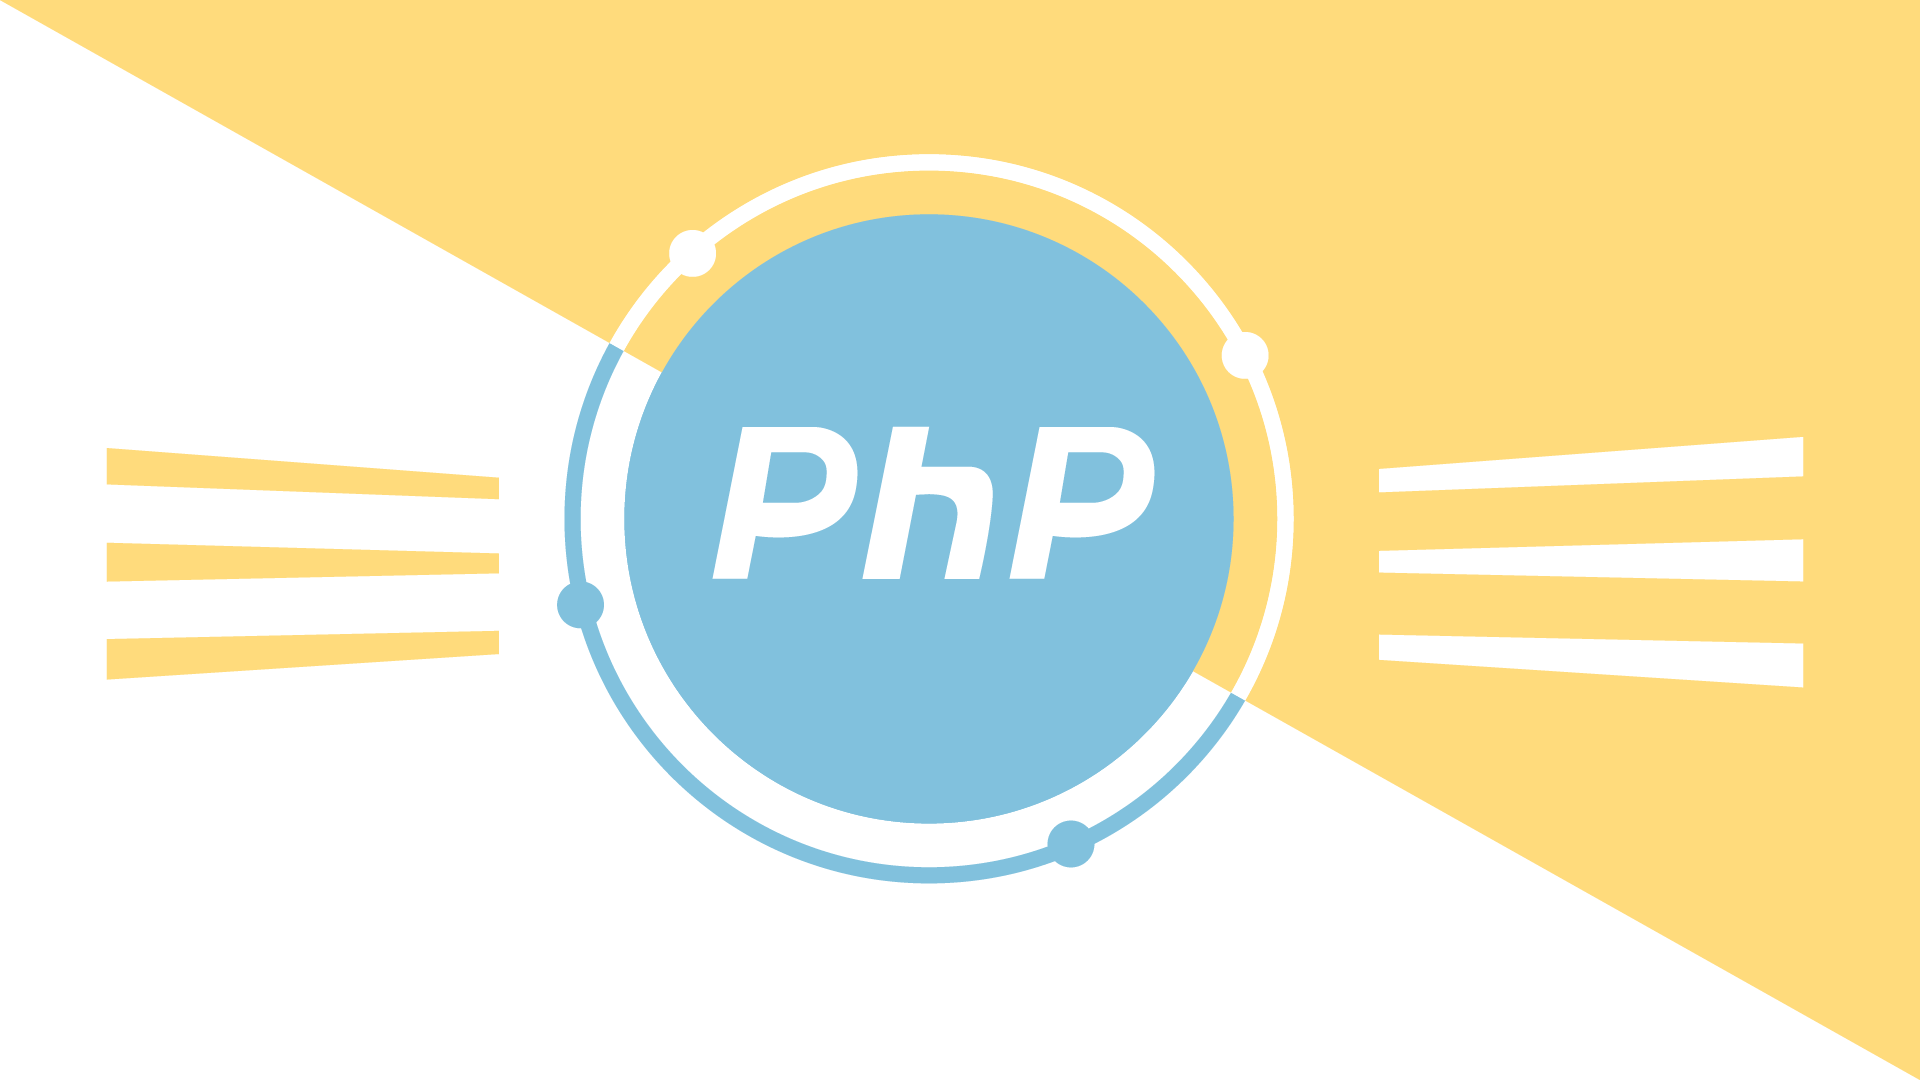 Вебинар PHP. Процедурный vs. Объектно-ориентированный стили фото